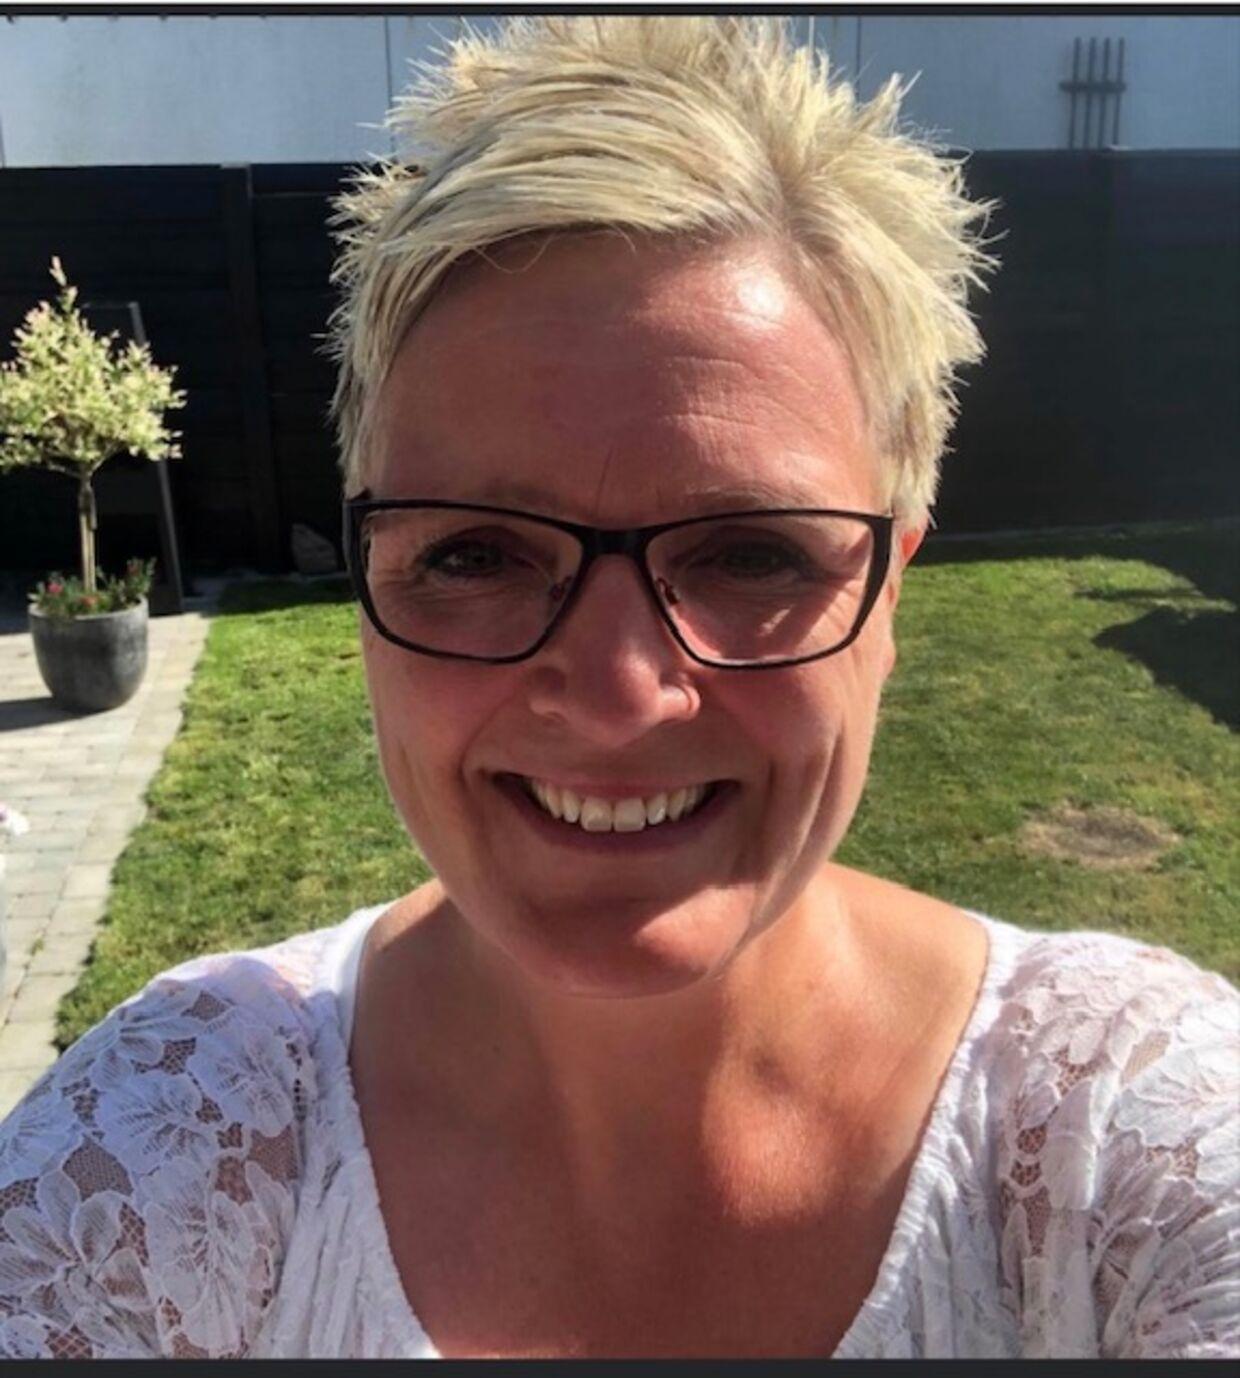 Pernille Palmelund fra Ølstykke havde ikke råd til at få sin søn vaccineret mod HPV. Først da hun flyttede sammen med sin kæreste, var der plads i en stram privatøkonomi til en vaccine. Privatfoto.